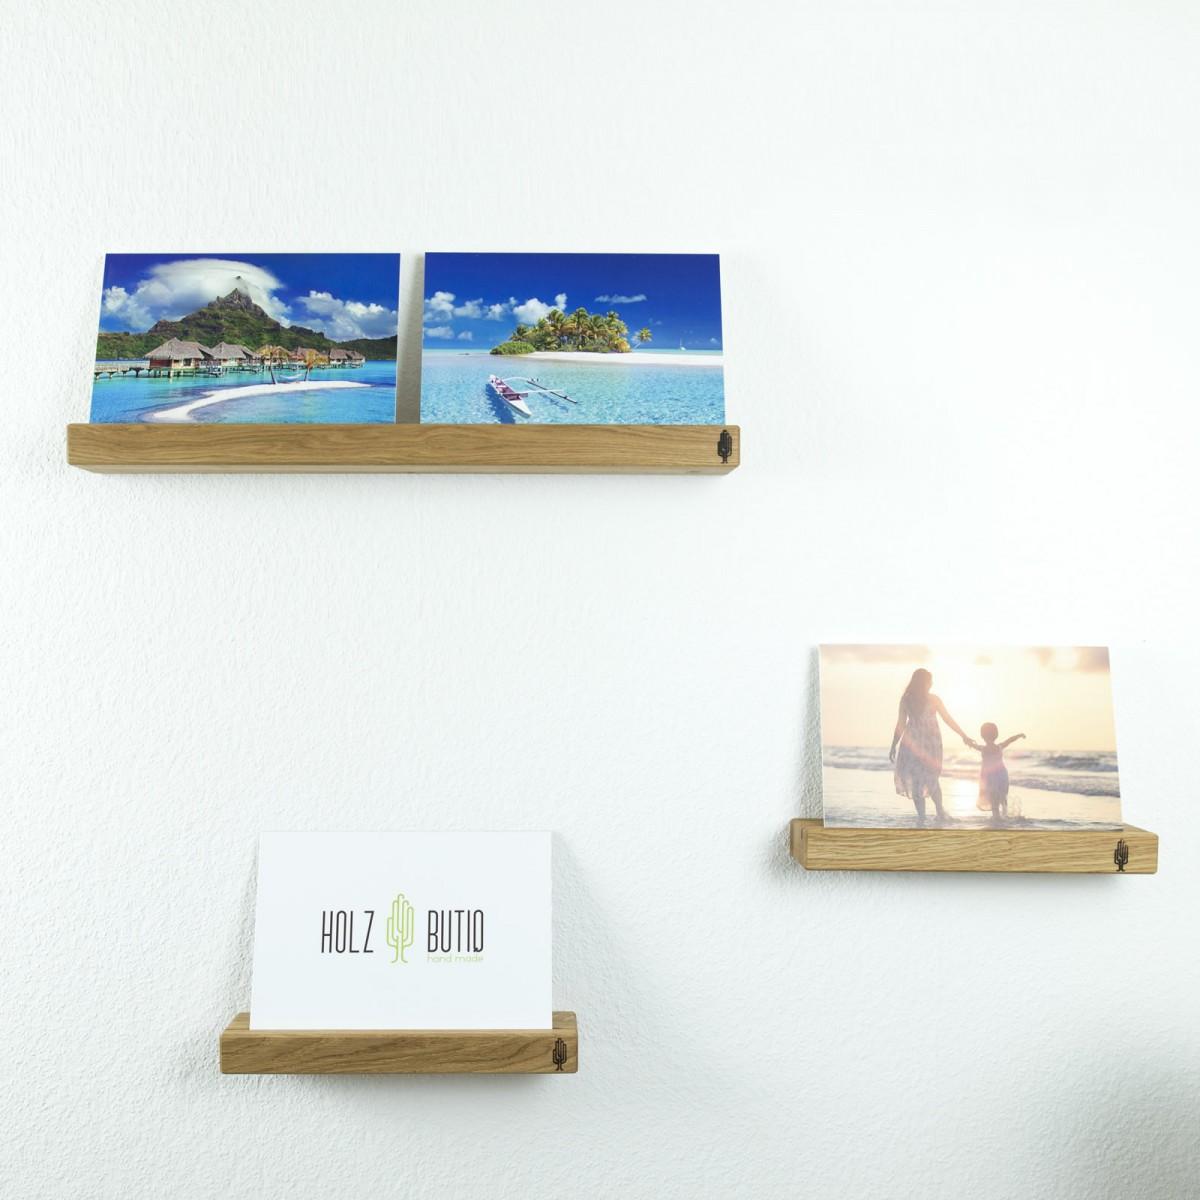 Bilderhalter kadro granda aero, Bildhalterung Wand | Bildhalter aus Holz